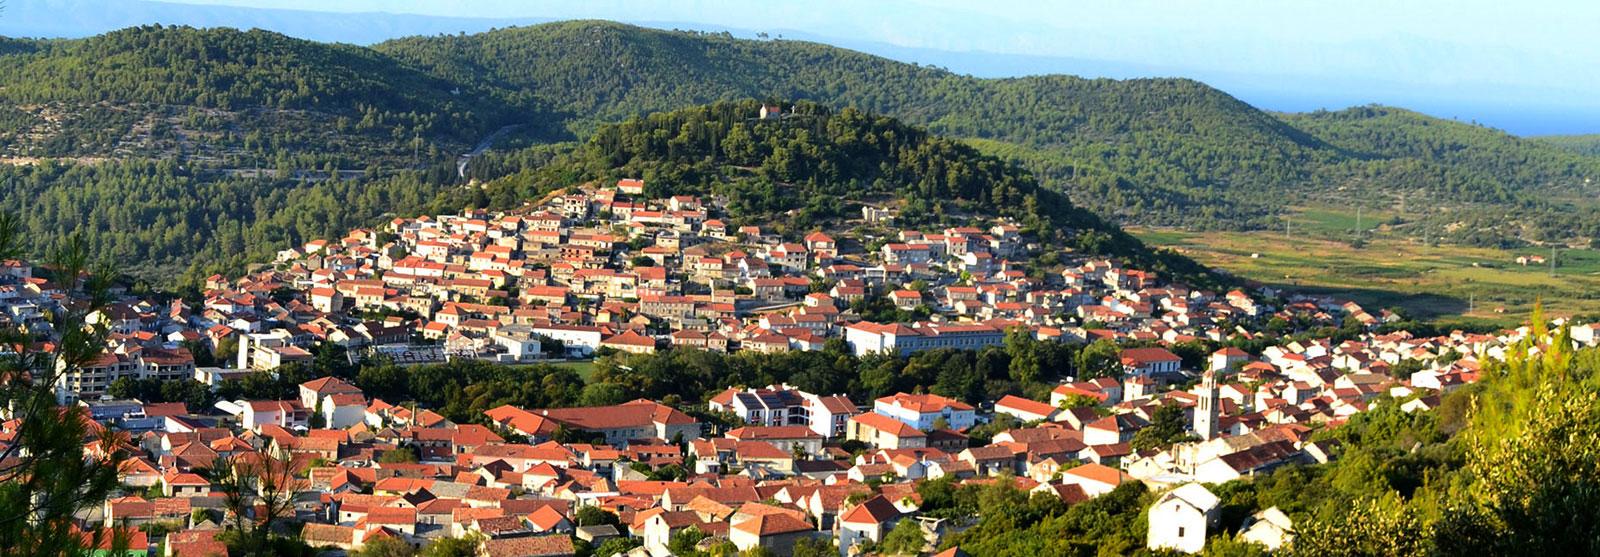 Blato Korčula